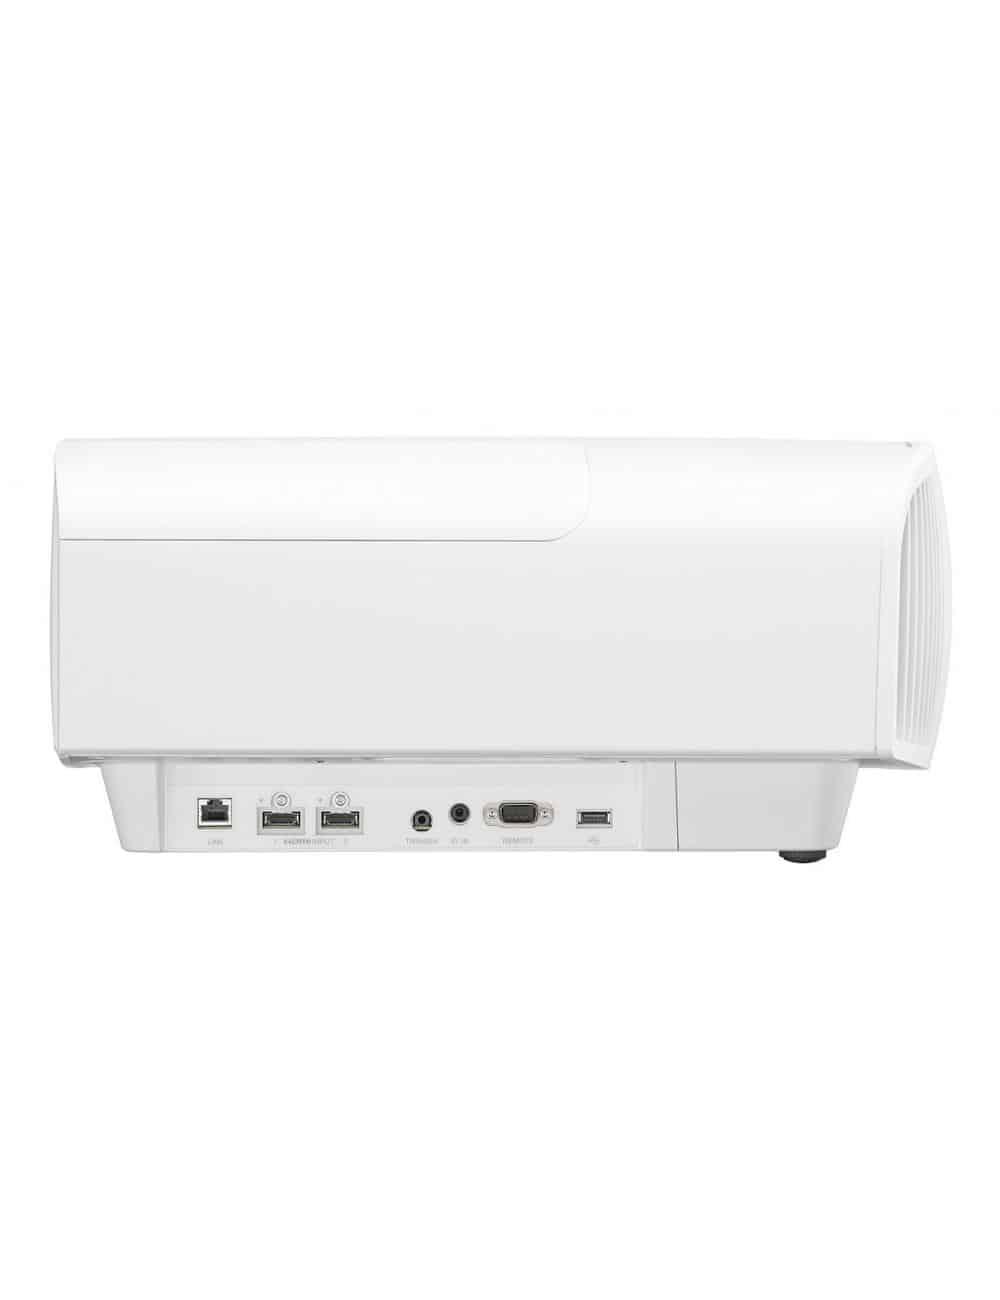 Proiettore 4K HDR per Home Cinema, Sony VPL-VW270ES, finitura white, vista laterale